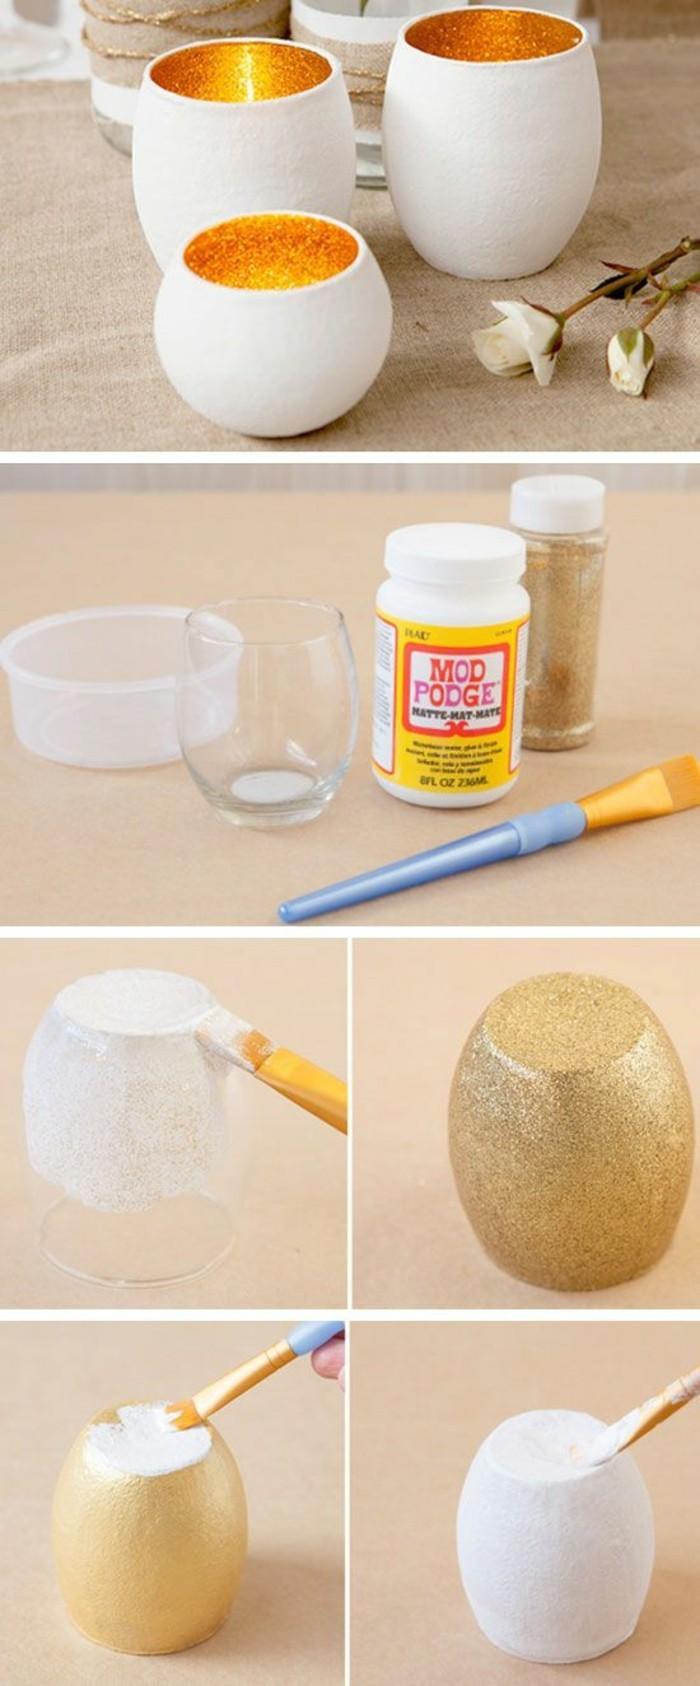 ideas para regalos de cumpleaños , precioso candelabro DIY en blanco y dorado, manualidades con Mod Podge